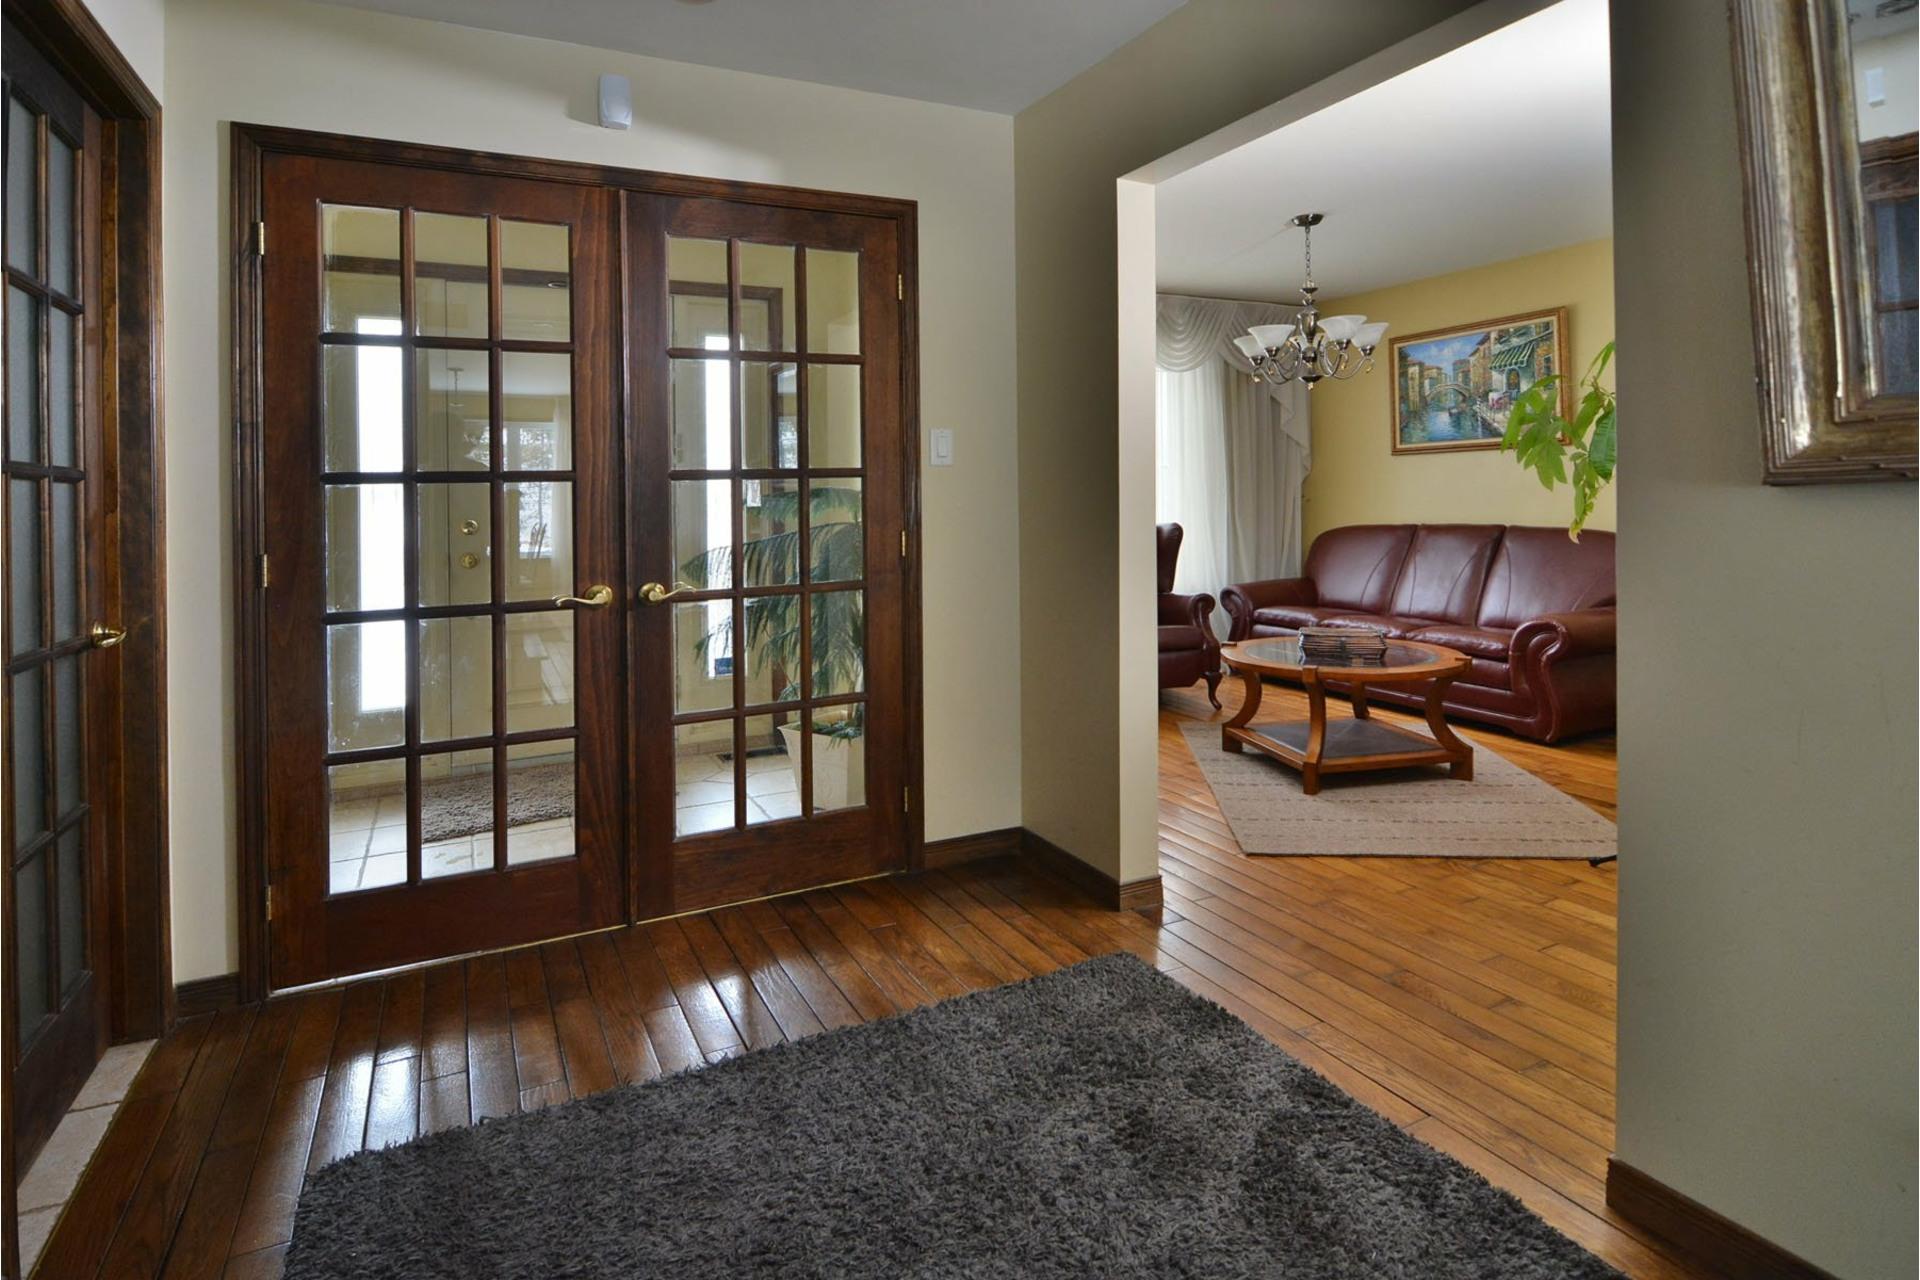 image 3 - Maison À vendre Pierrefonds-Roxboro Montréal  - 12 pièces